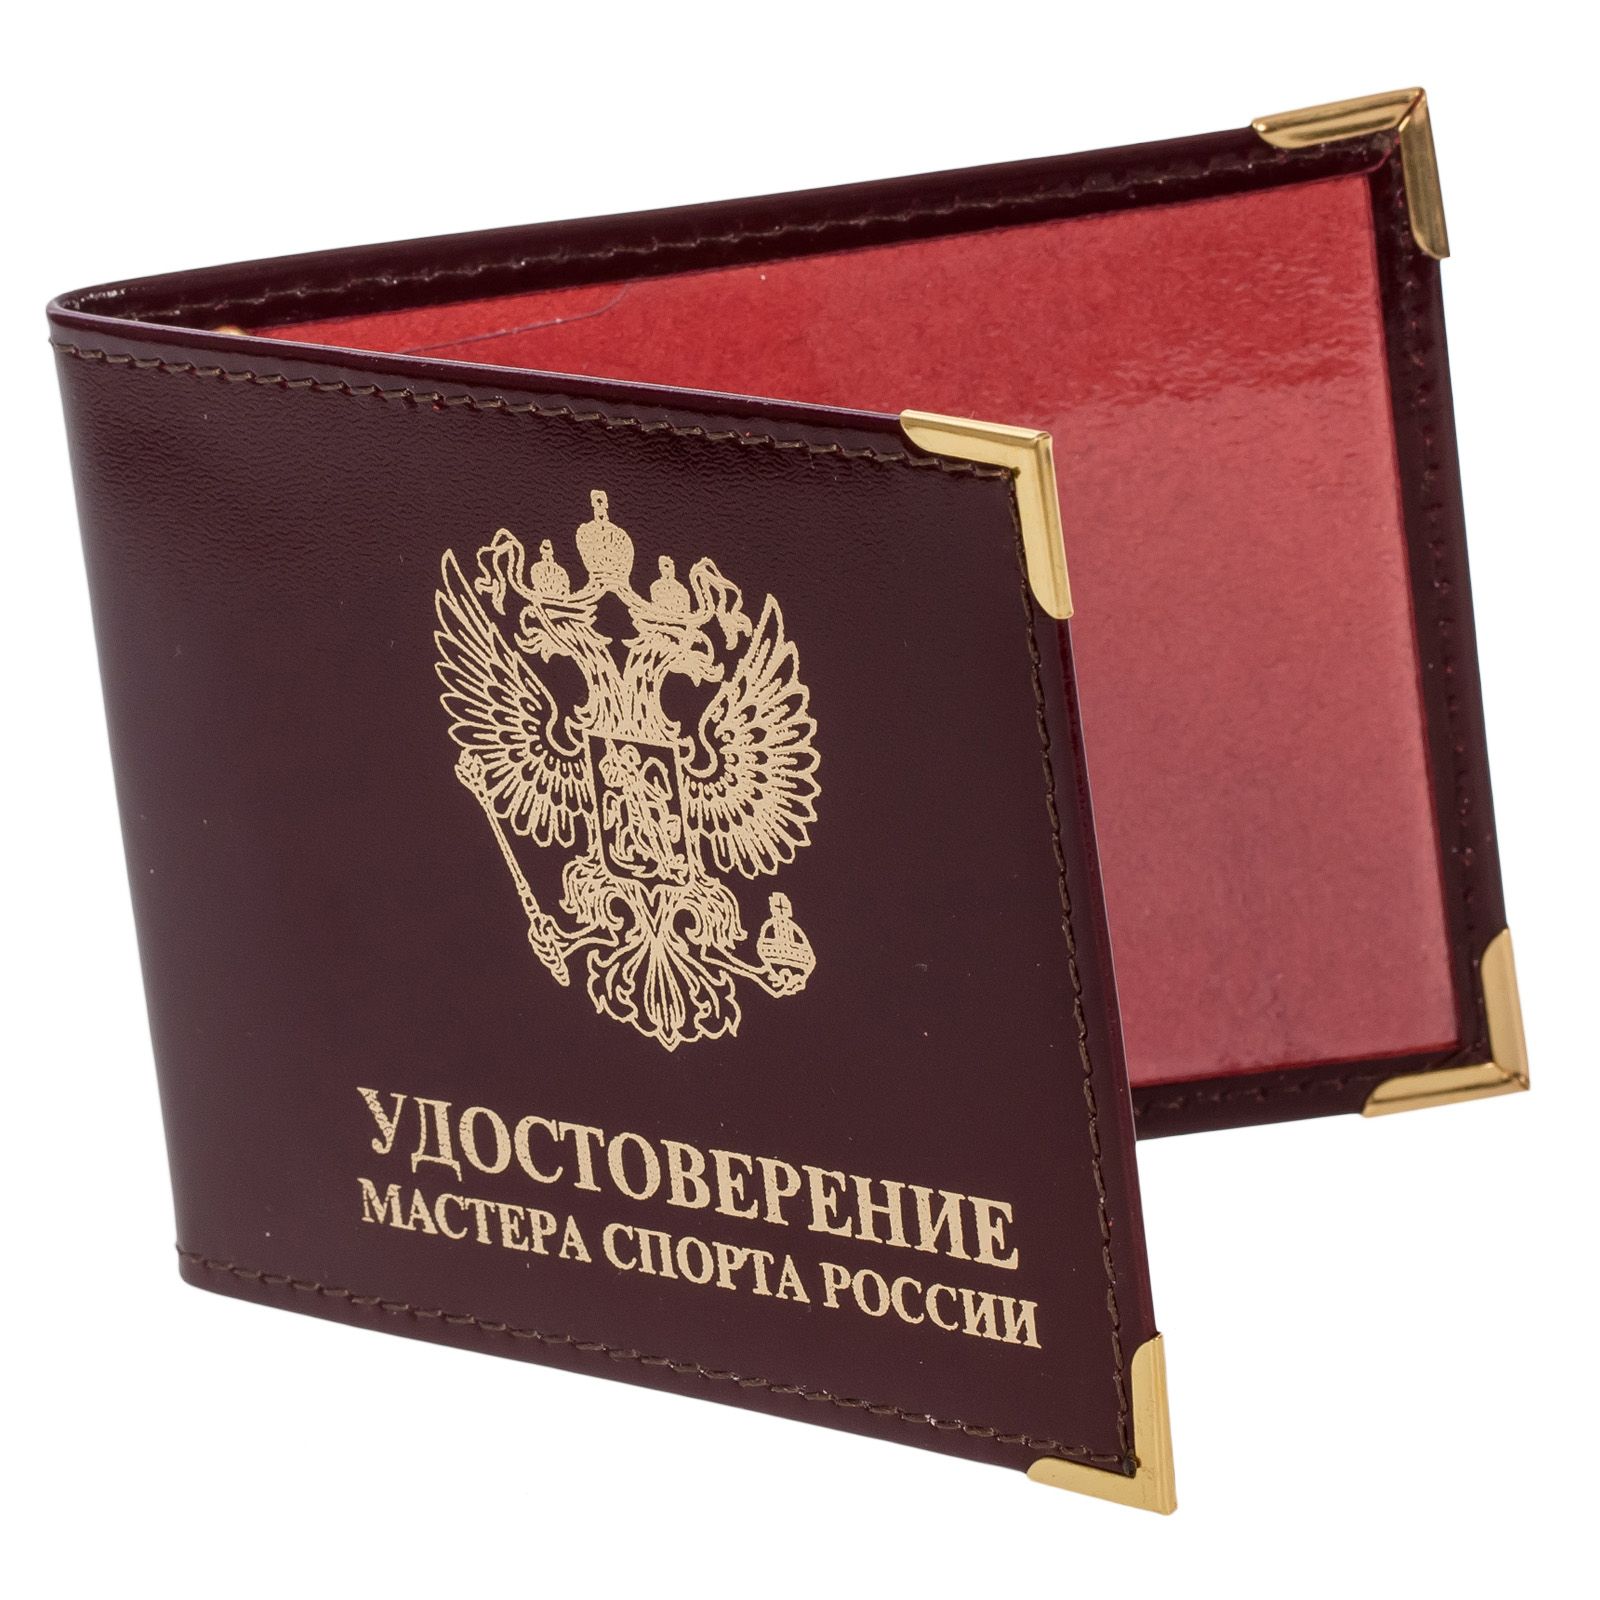 Обложка на удостоверение Мастера спорта России